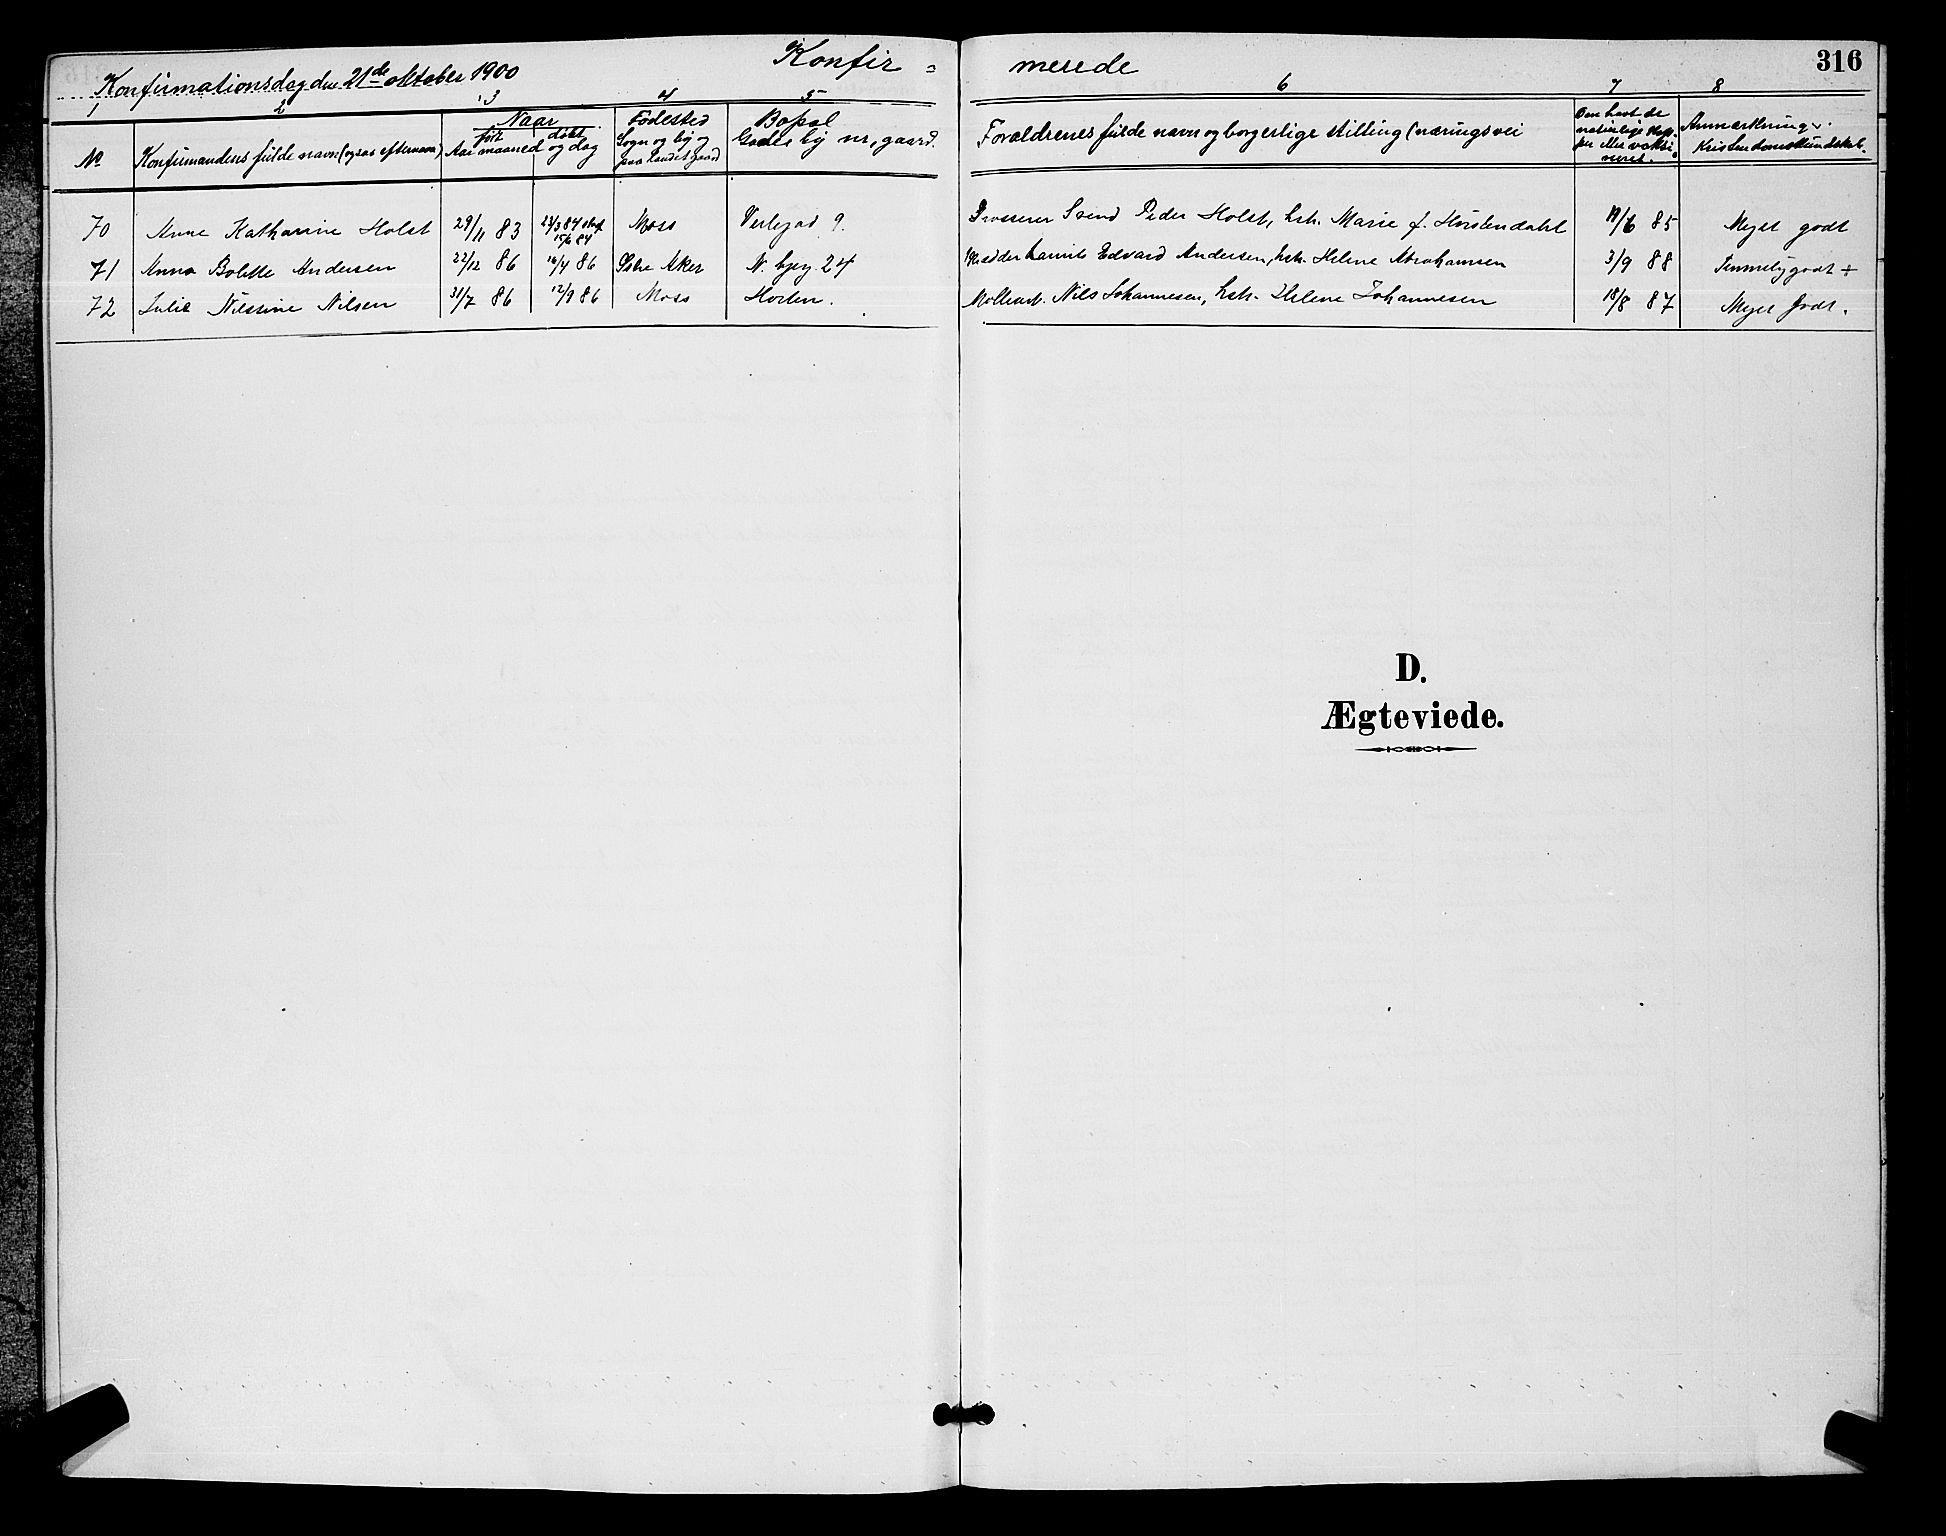 SAO, Moss prestekontor Kirkebøker, G/Ga/L0006: Klokkerbok nr. I 6, 1889-1900, s. 316